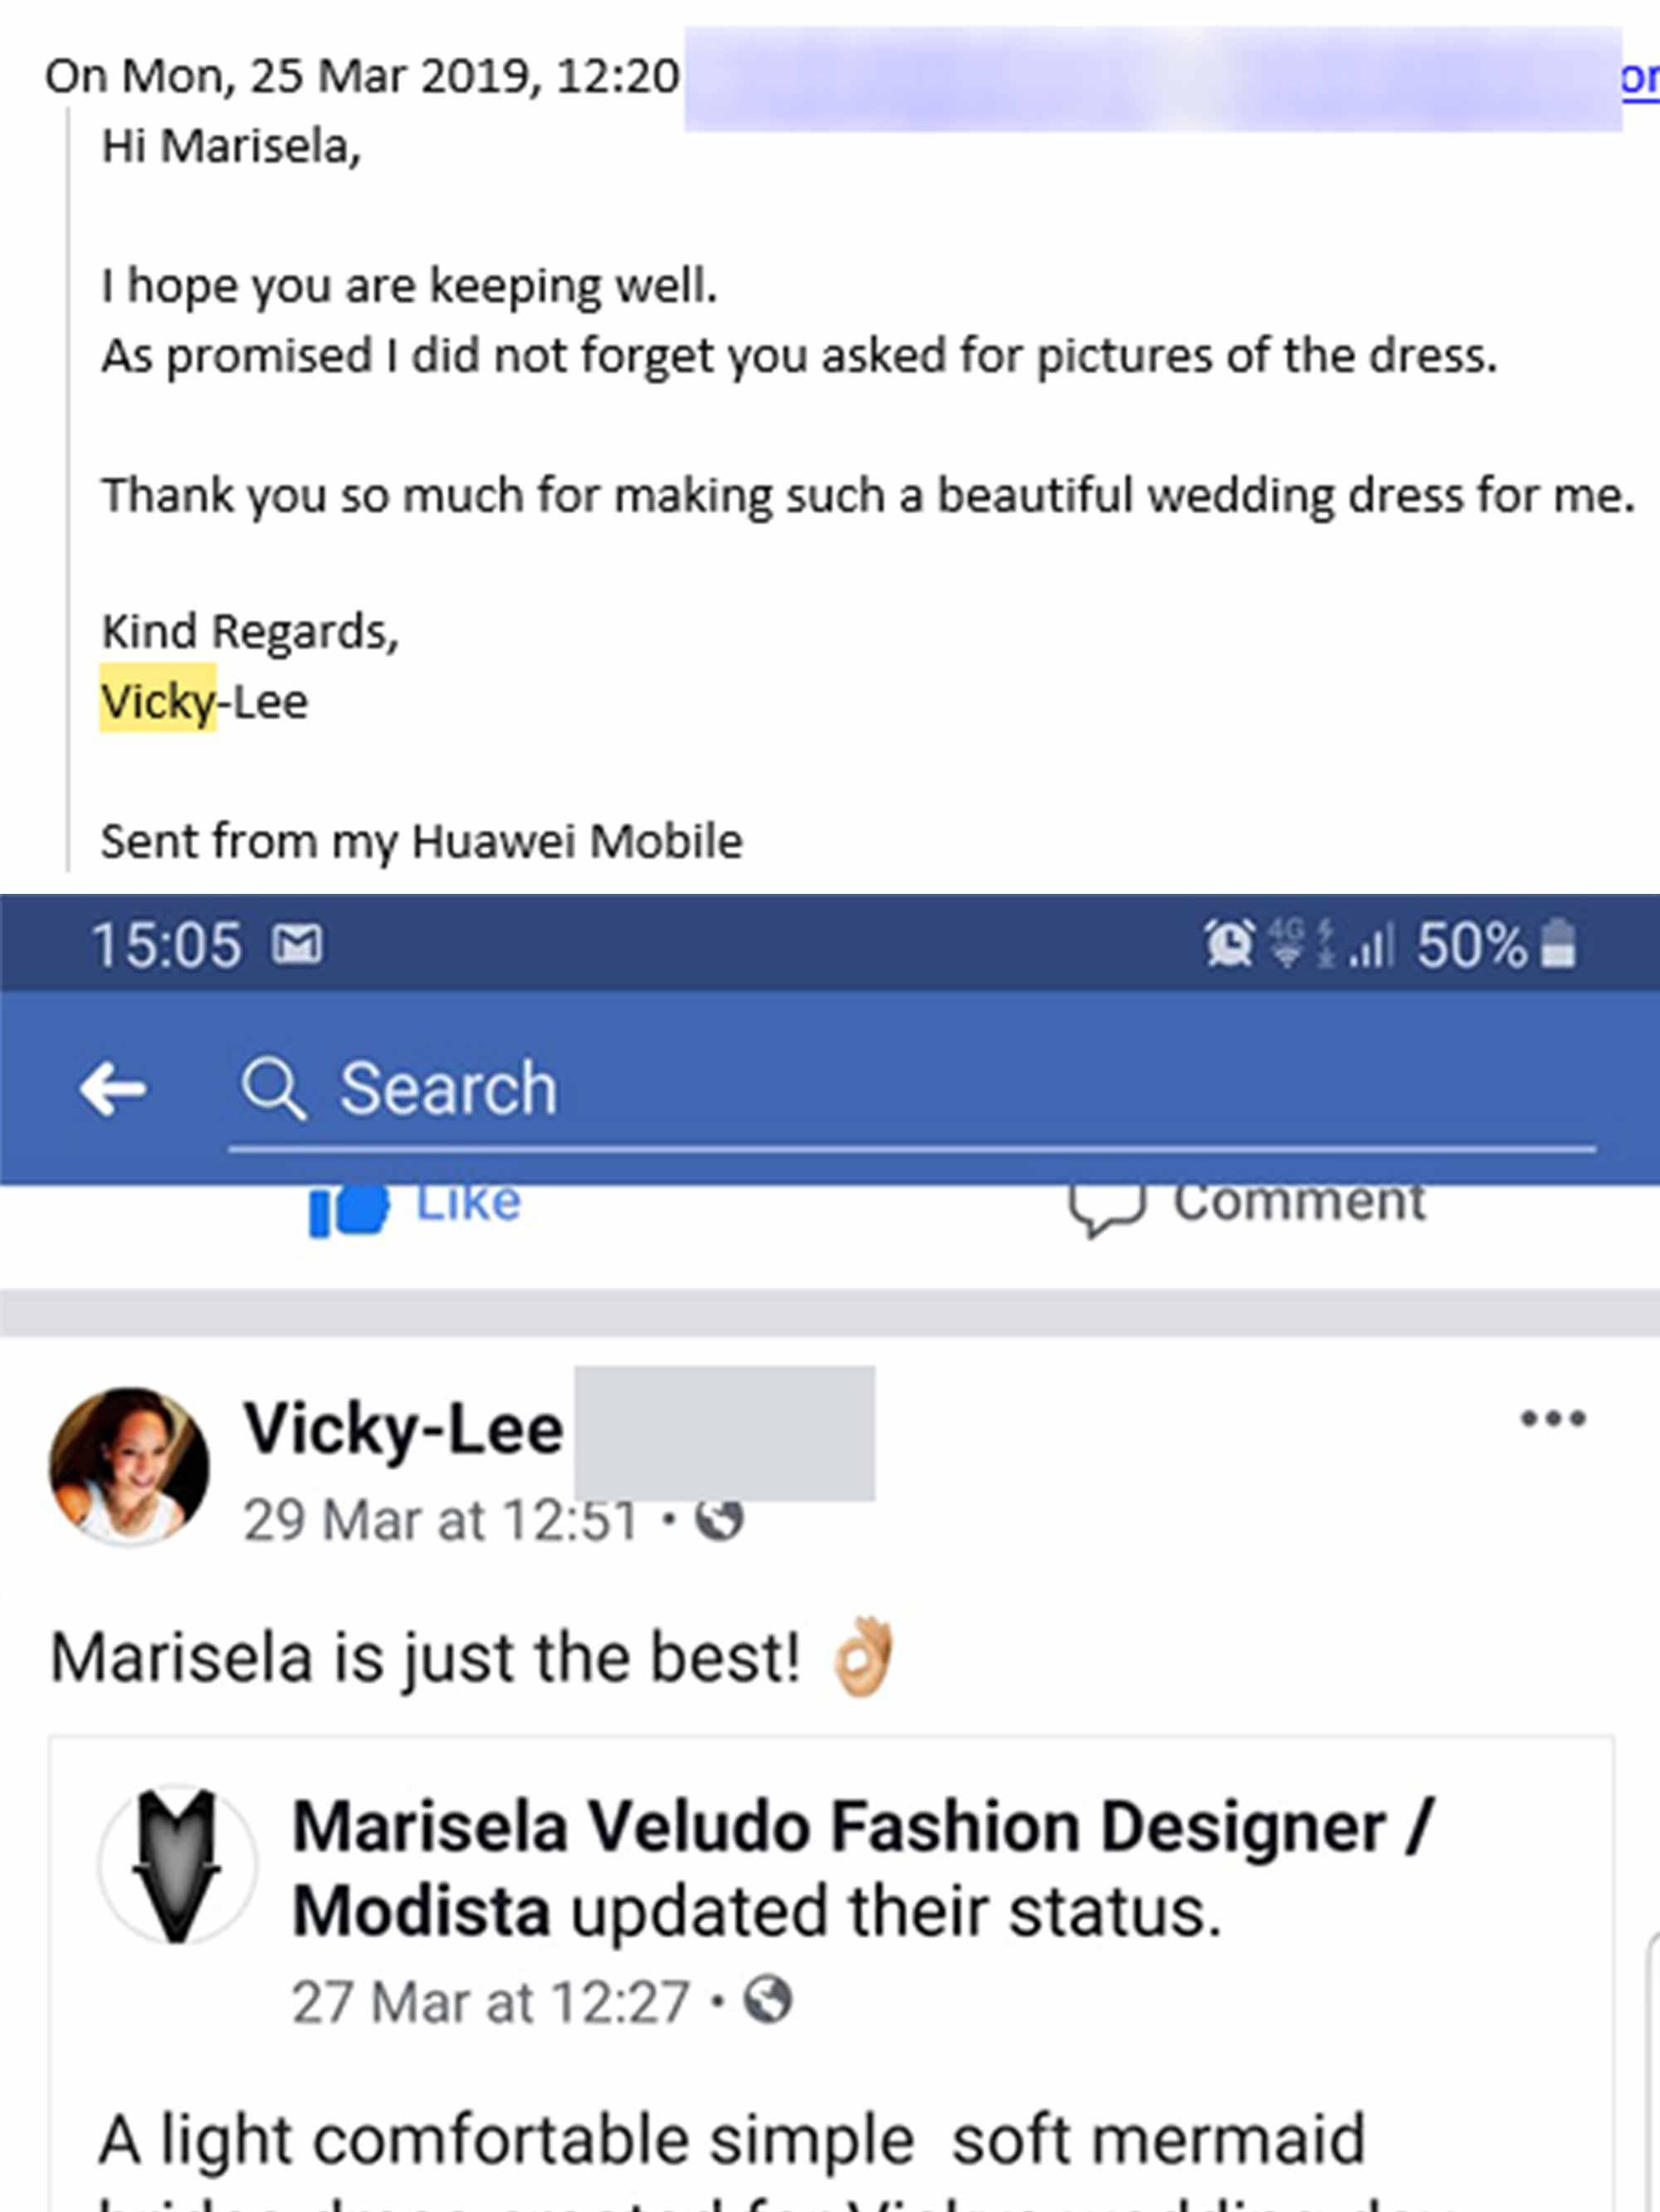 Vicky-Lee